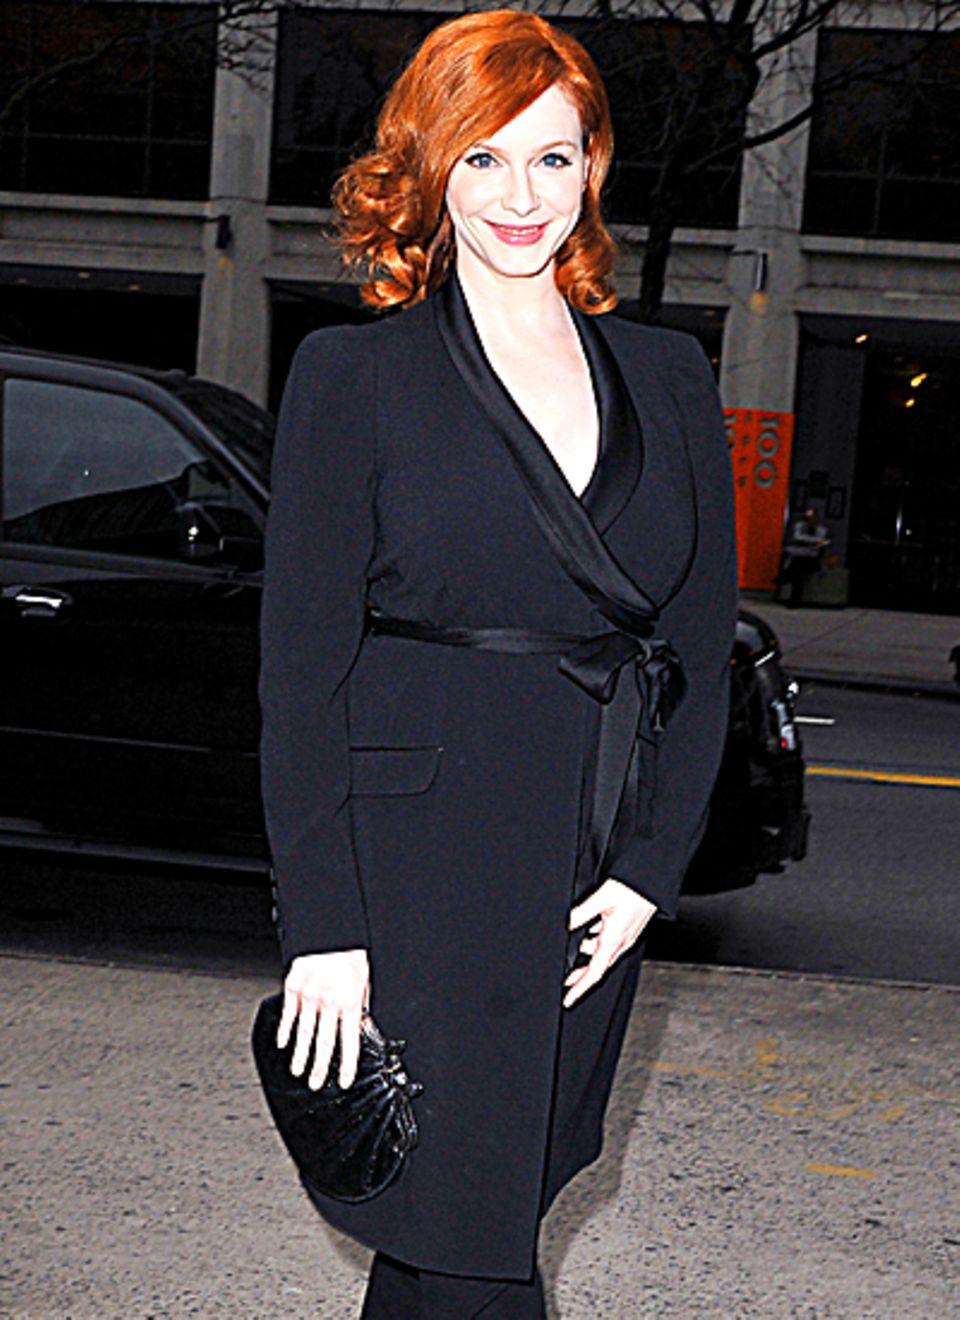 Der leichte Mantel in Schwarz bringt die Haare von Christina Hendricks noch mehr zum leuchten.